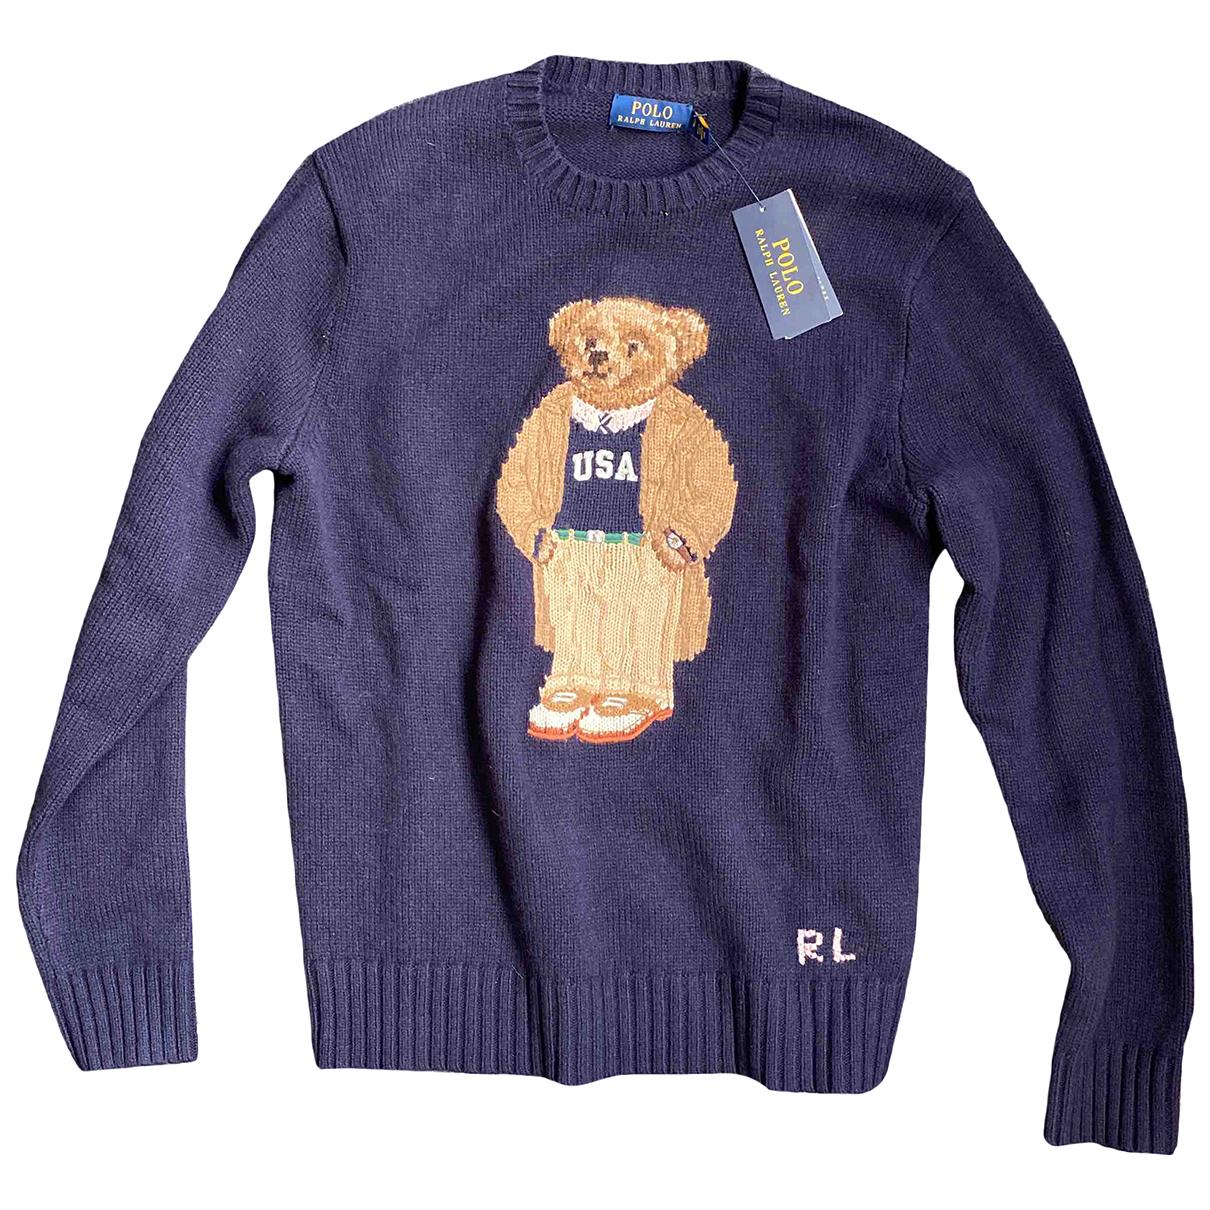 Polo Ralph Lauren - Pulls.Gilets.Sweats   pour homme en laine - bleu